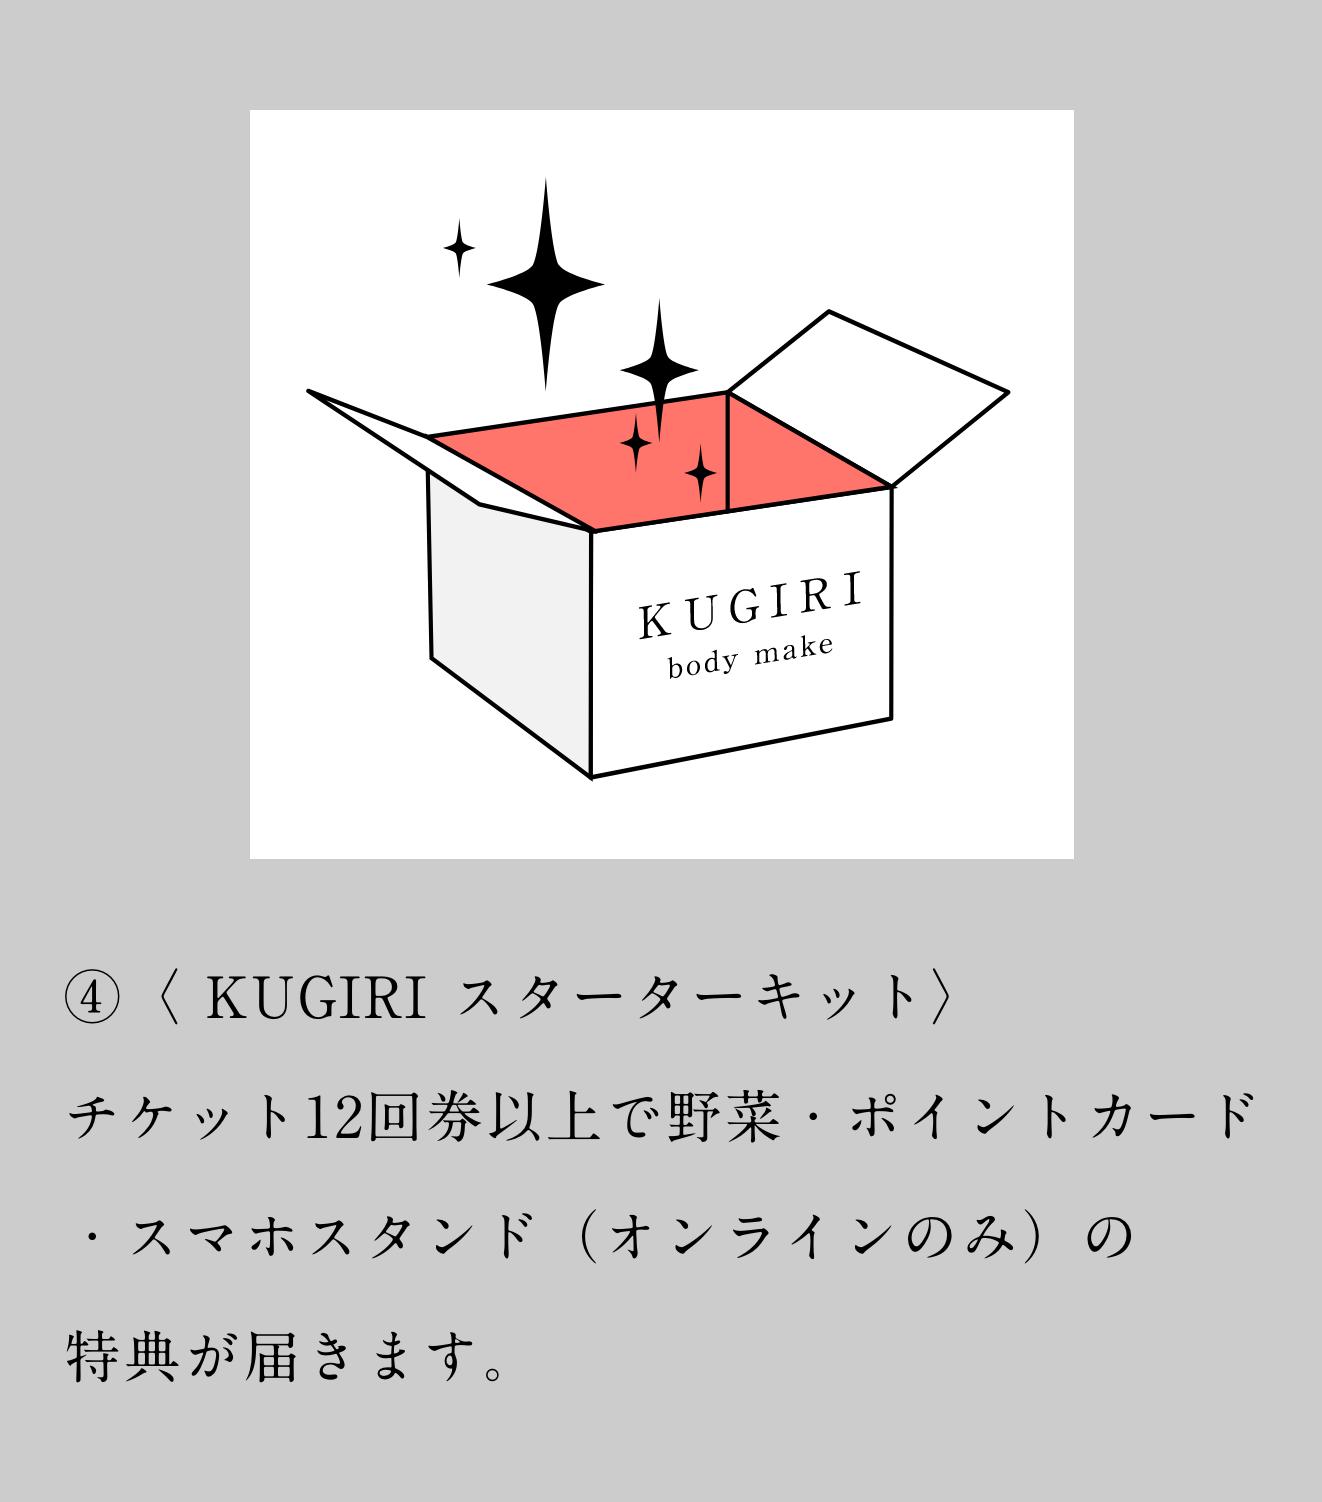 ④〈 KUGIRI スターターキット〉チケット12回券以上で野菜・ポイントカード・スマホスタンド(オンラインのみ)の特典が届きます。